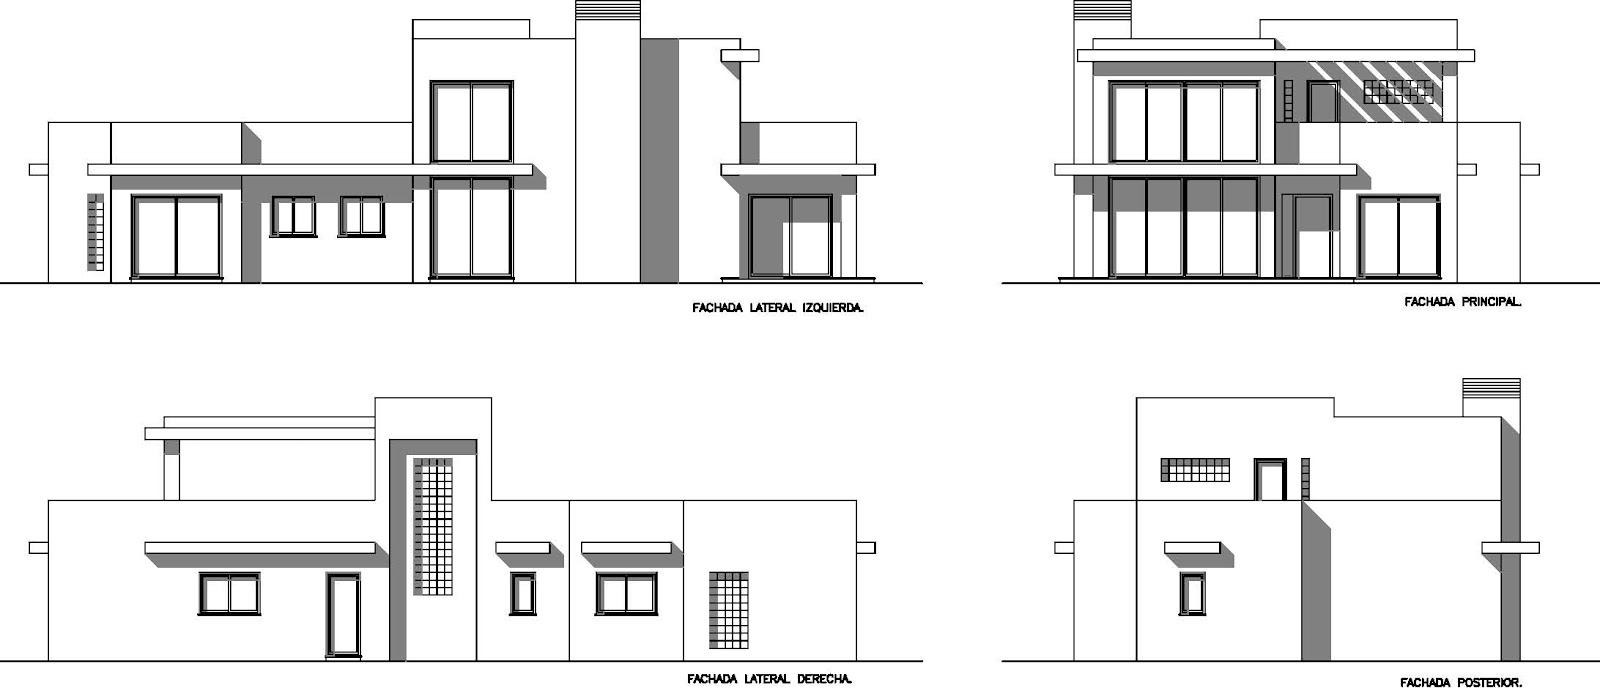 Casa de este alojamiento diseno de viviendas - Fachadas viviendas unifamiliares ...